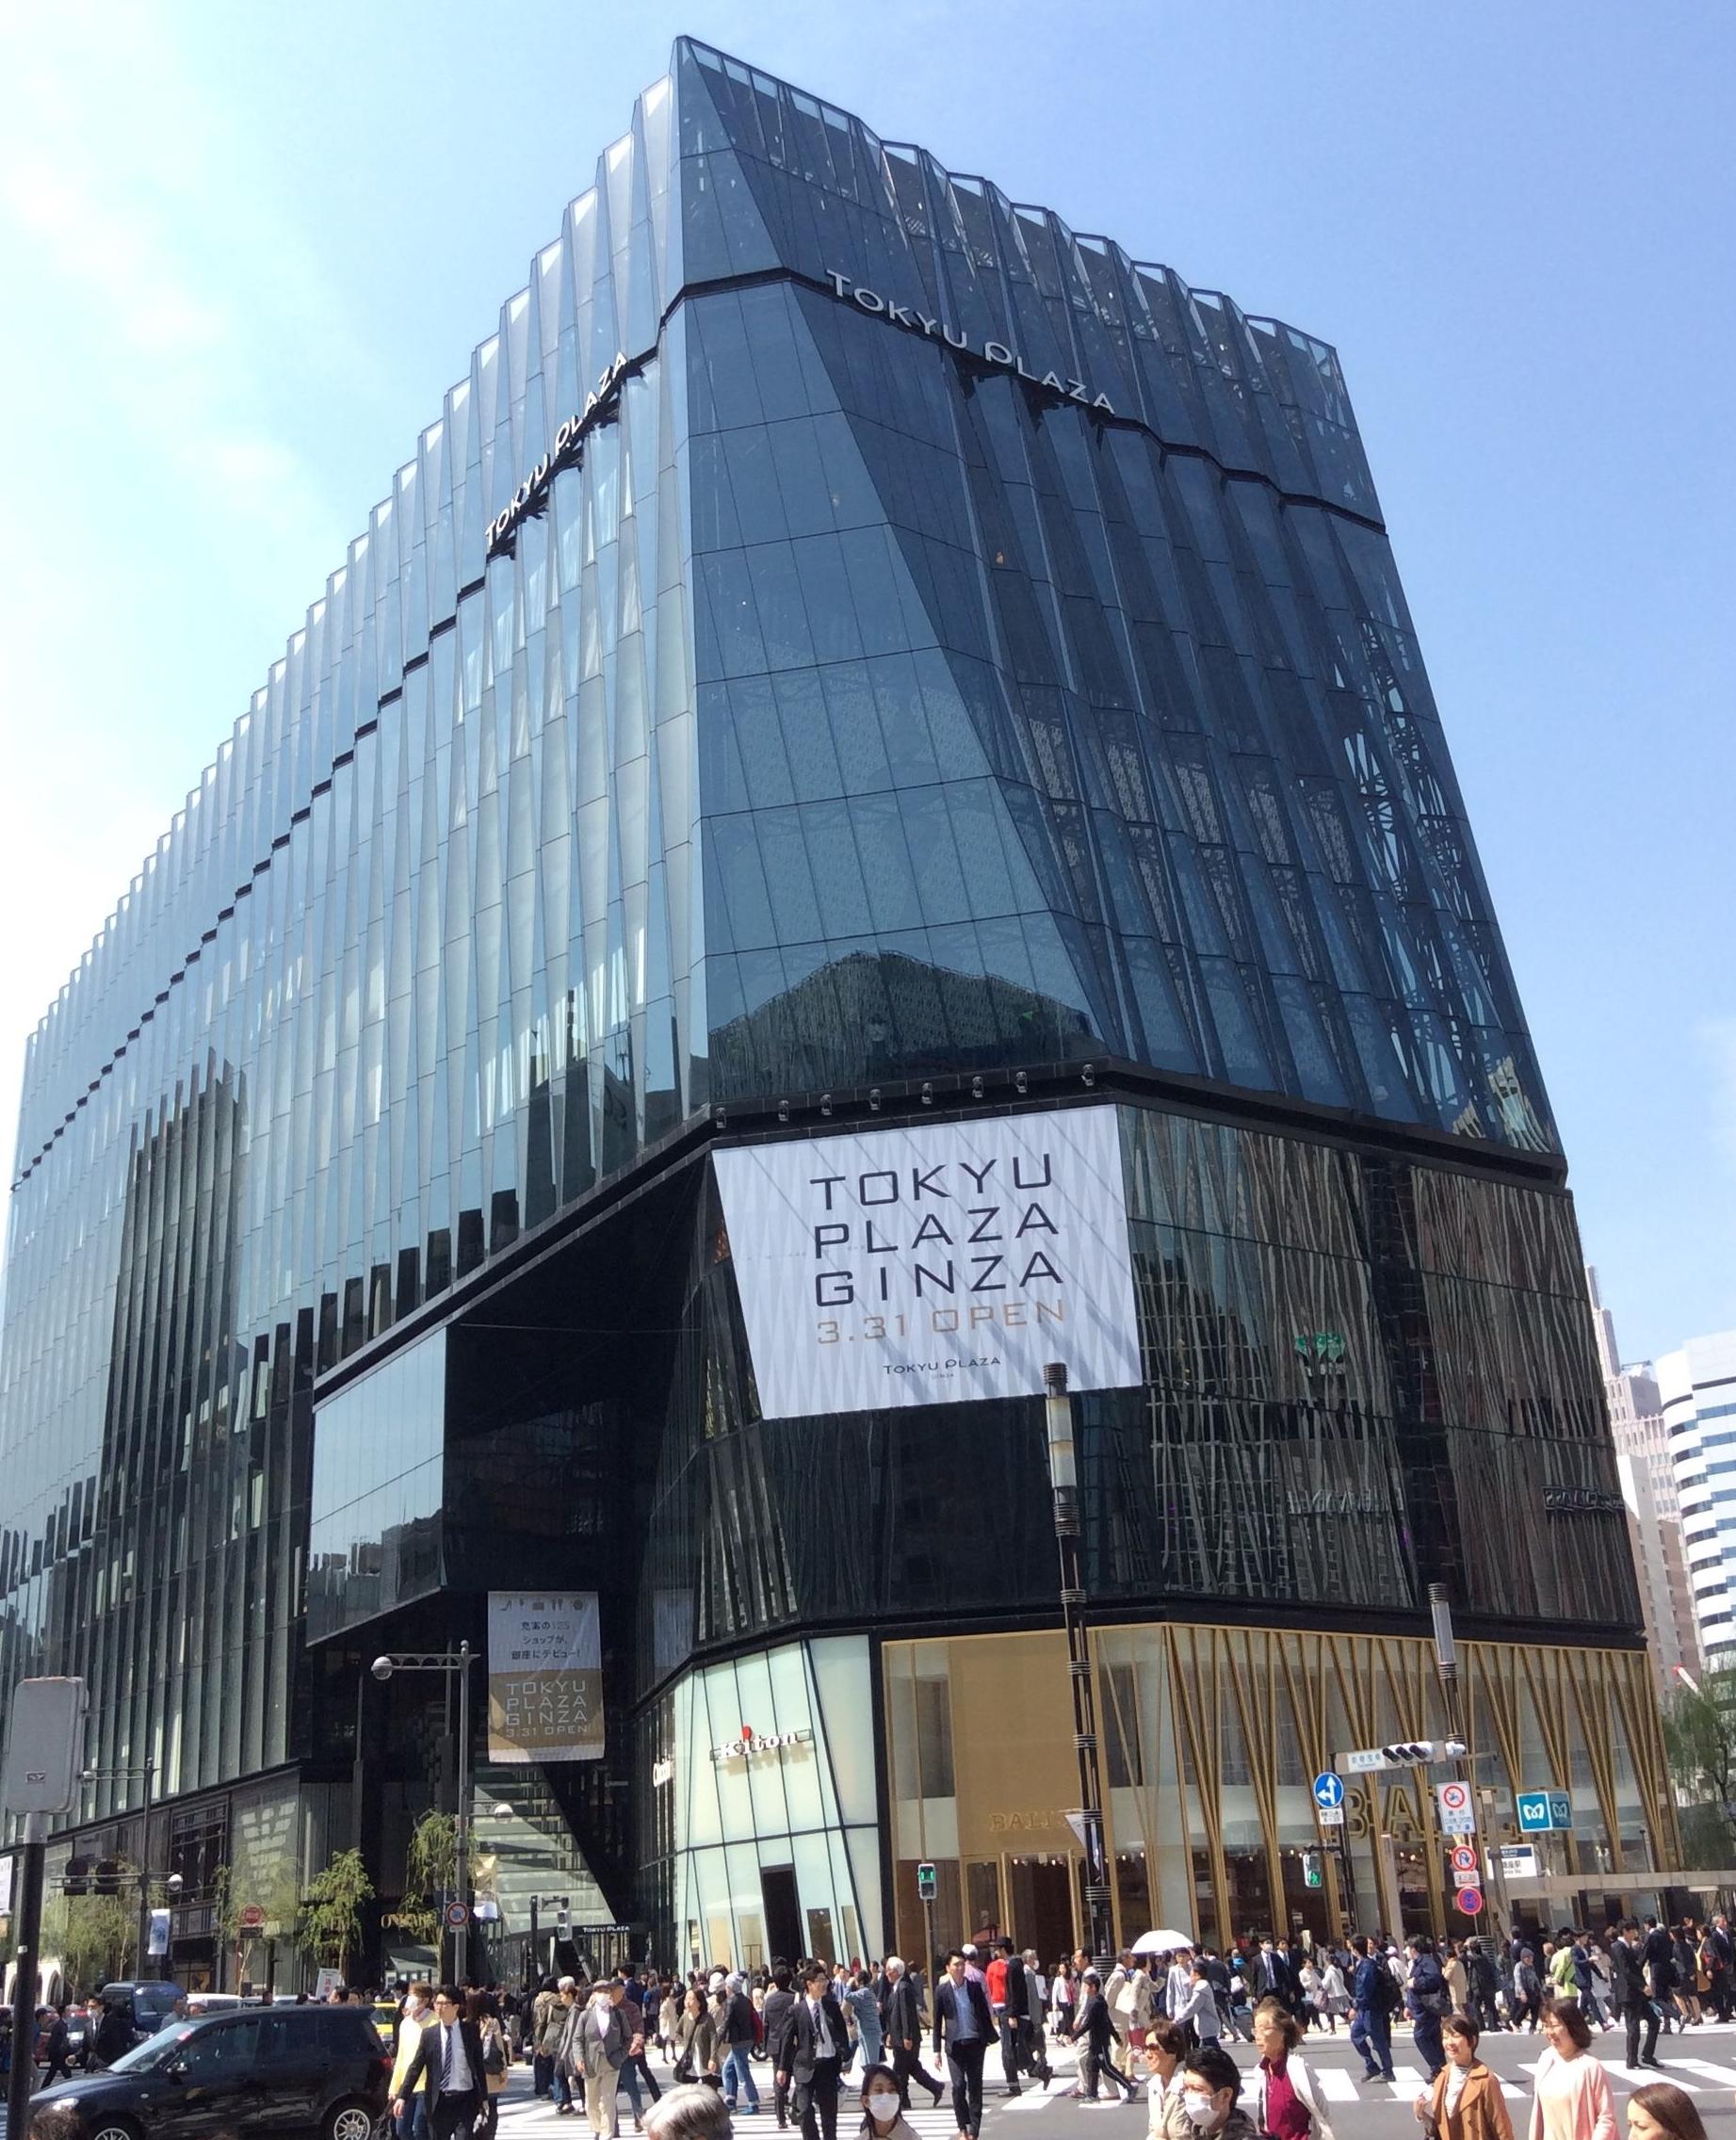 Tokyu_Plaza_Ginza1b-crop.jpg